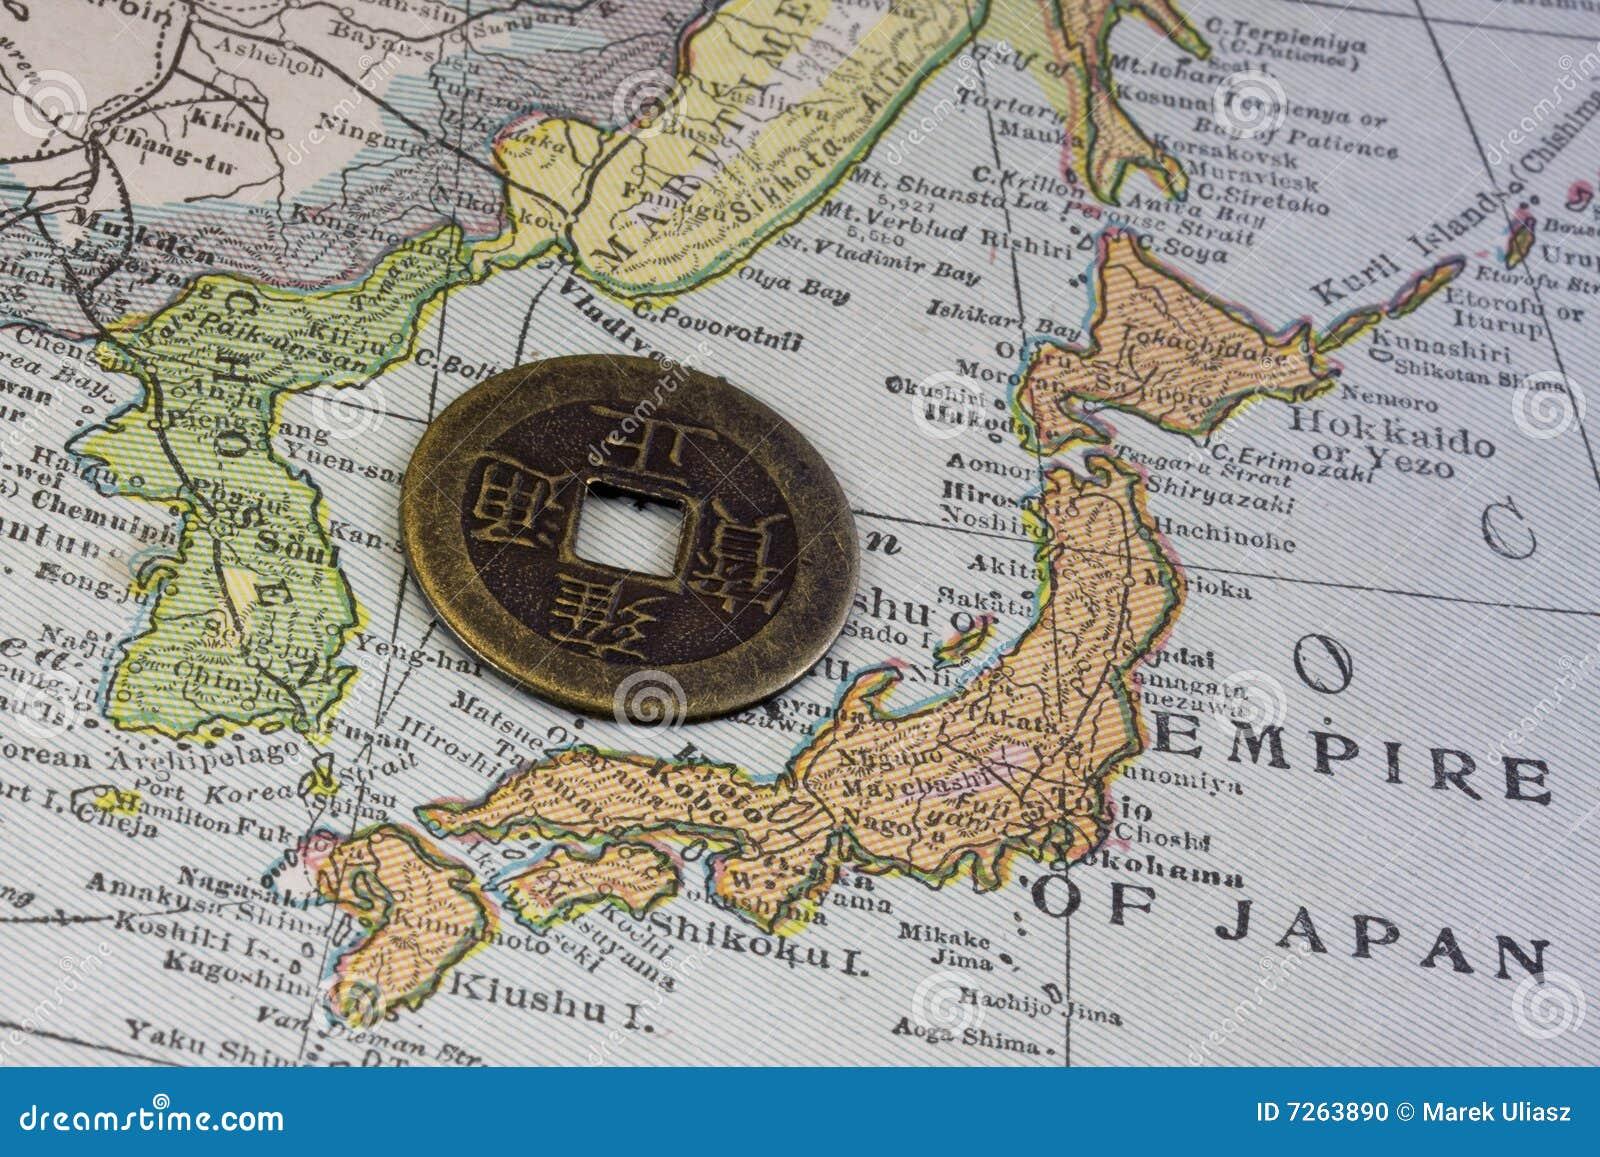 Japón en correspondencia de la vendimia y moneda vieja